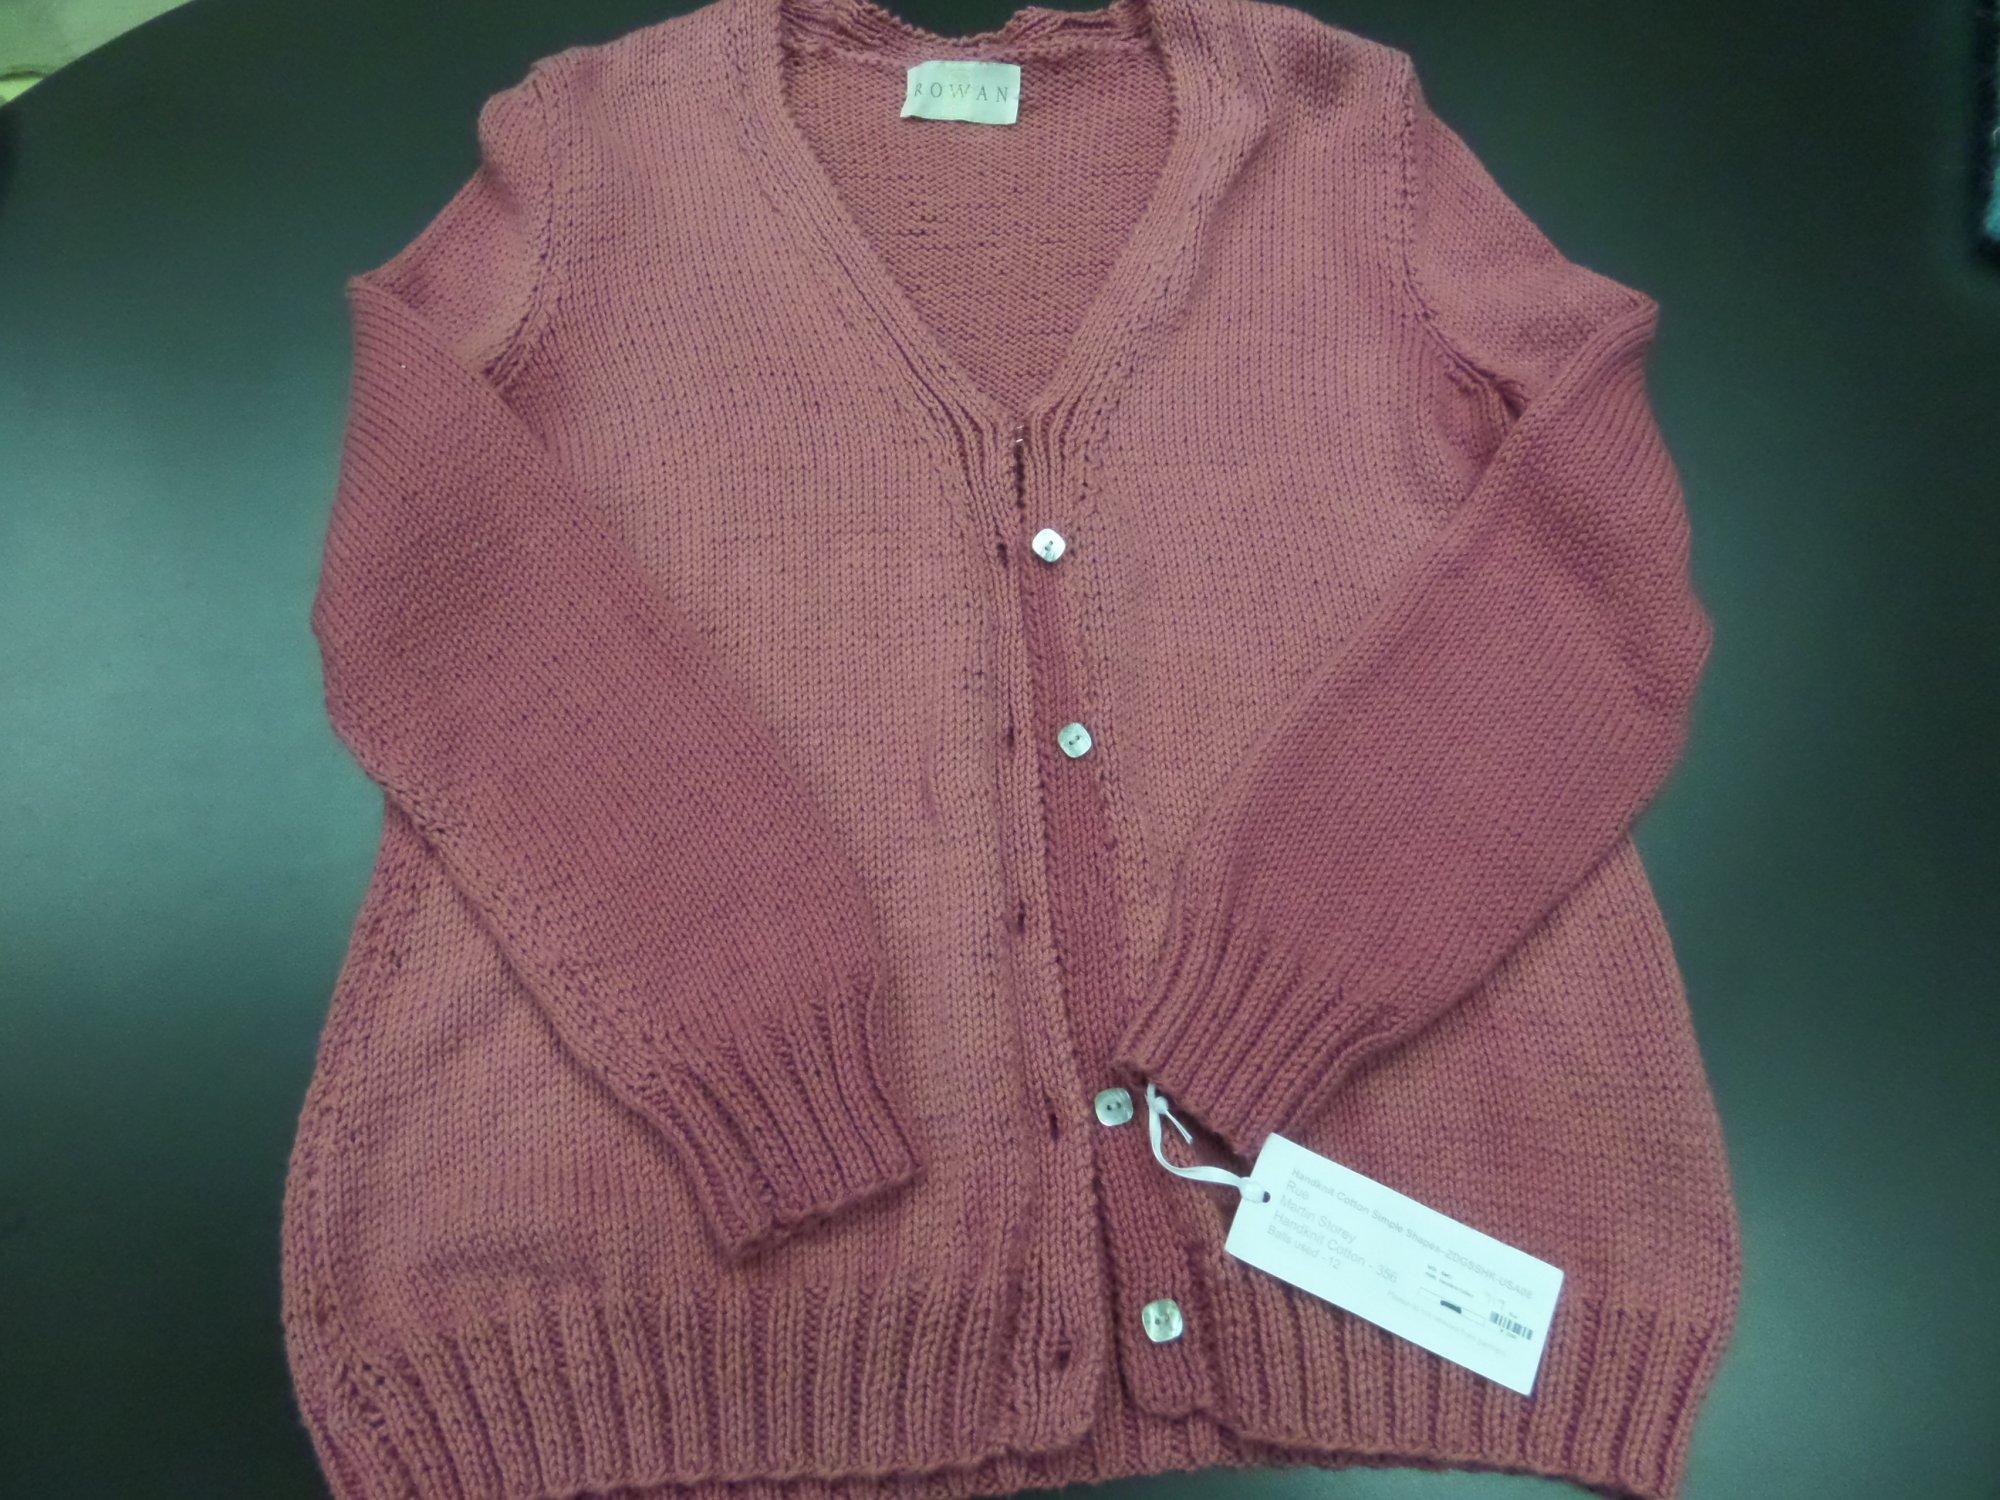 Rue sweater model in Handknit Cotton by Rowan